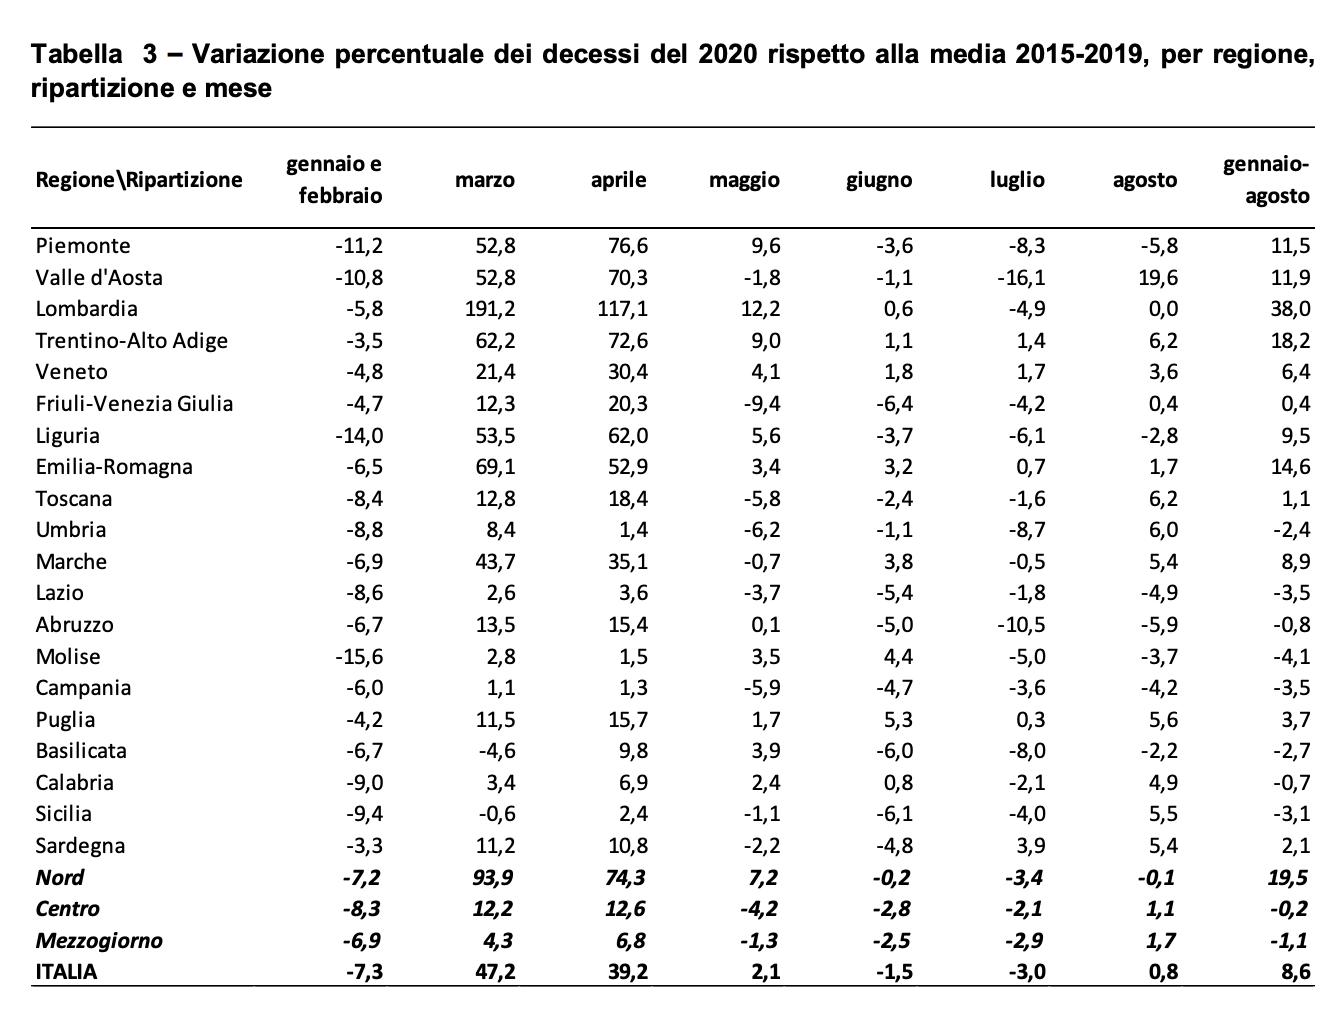 Variazione percentuale dei decessi del 2020 rispetto alla media 2015-2019, per regione, ripartizione e mese - Dati Istat